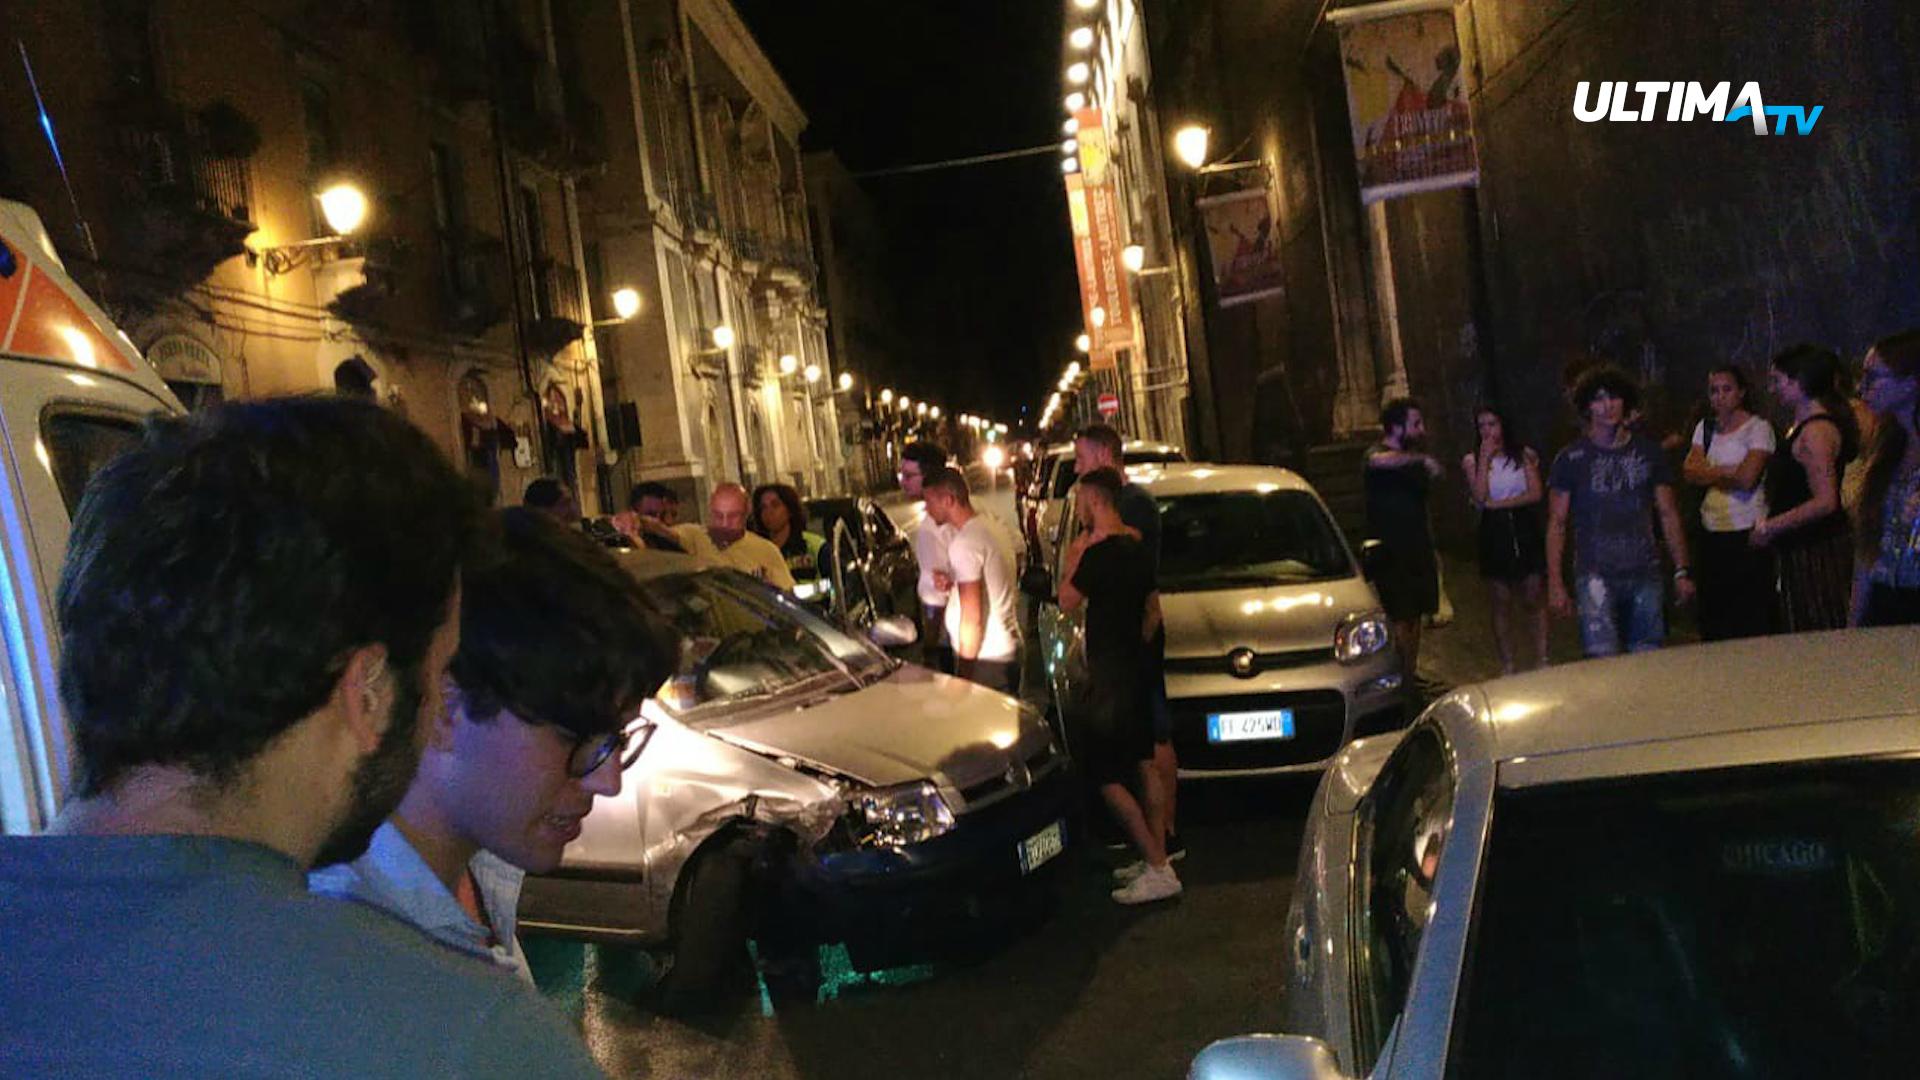 un uomo, a bordo della sua auto, ha seminato il panico tra le vie del centro storico, andando a forte velocità tra la folla.